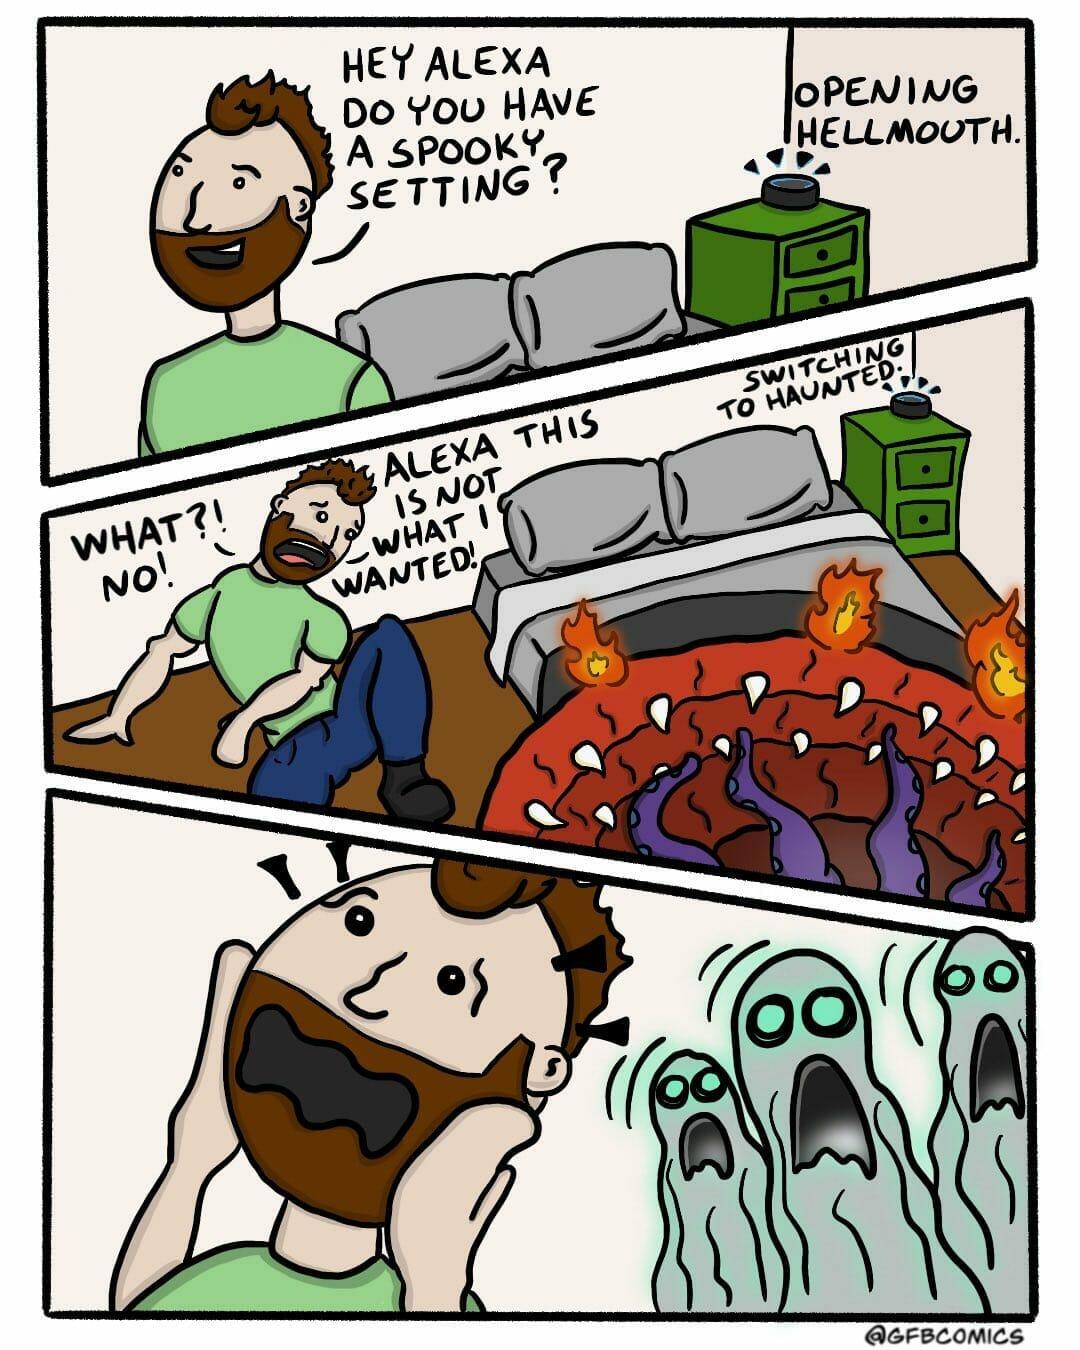 Alexa spooky setting